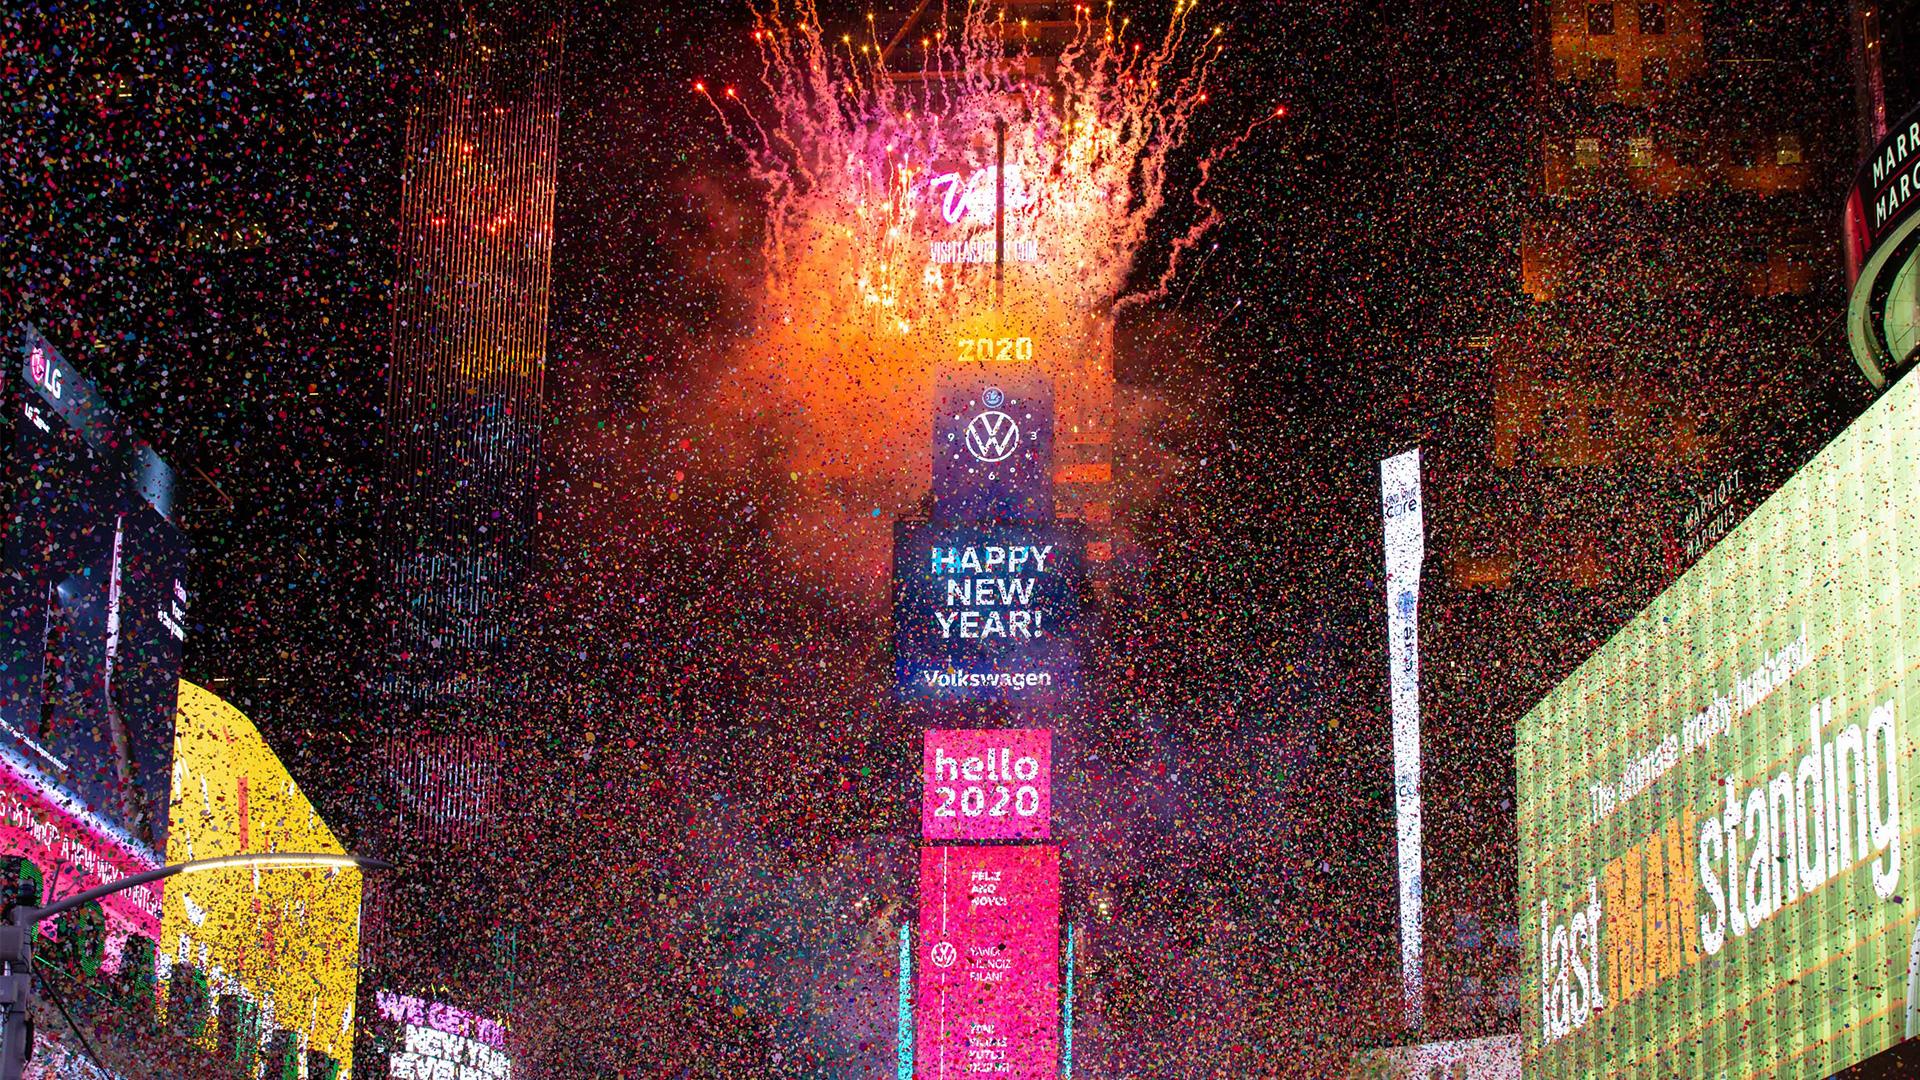 Experiencias virtuales para celebrar el Año Nuevo